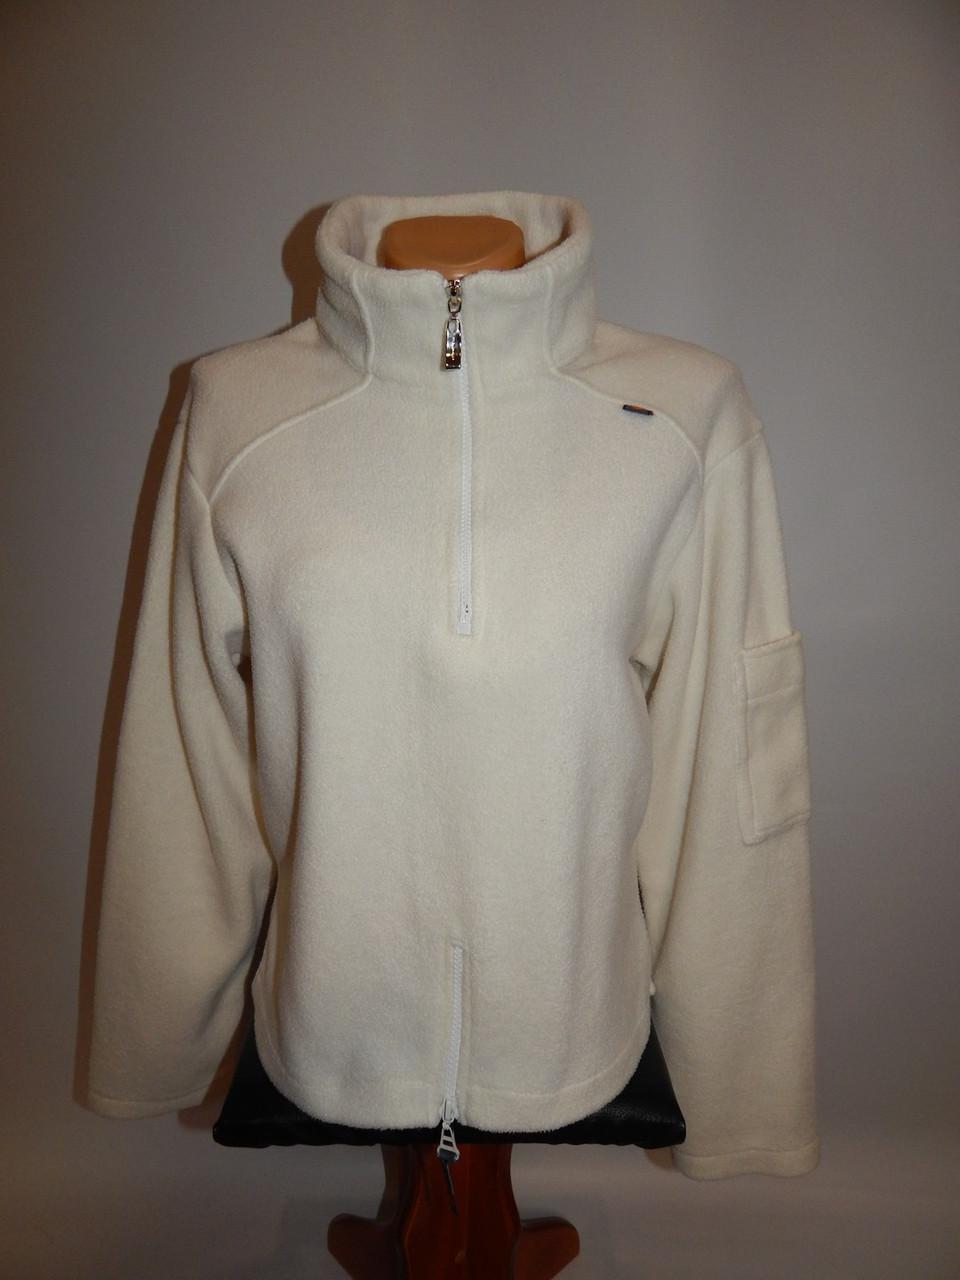 Женская плотная короткая спортивная флисовая  кофта Janina 44-46 р.008GF